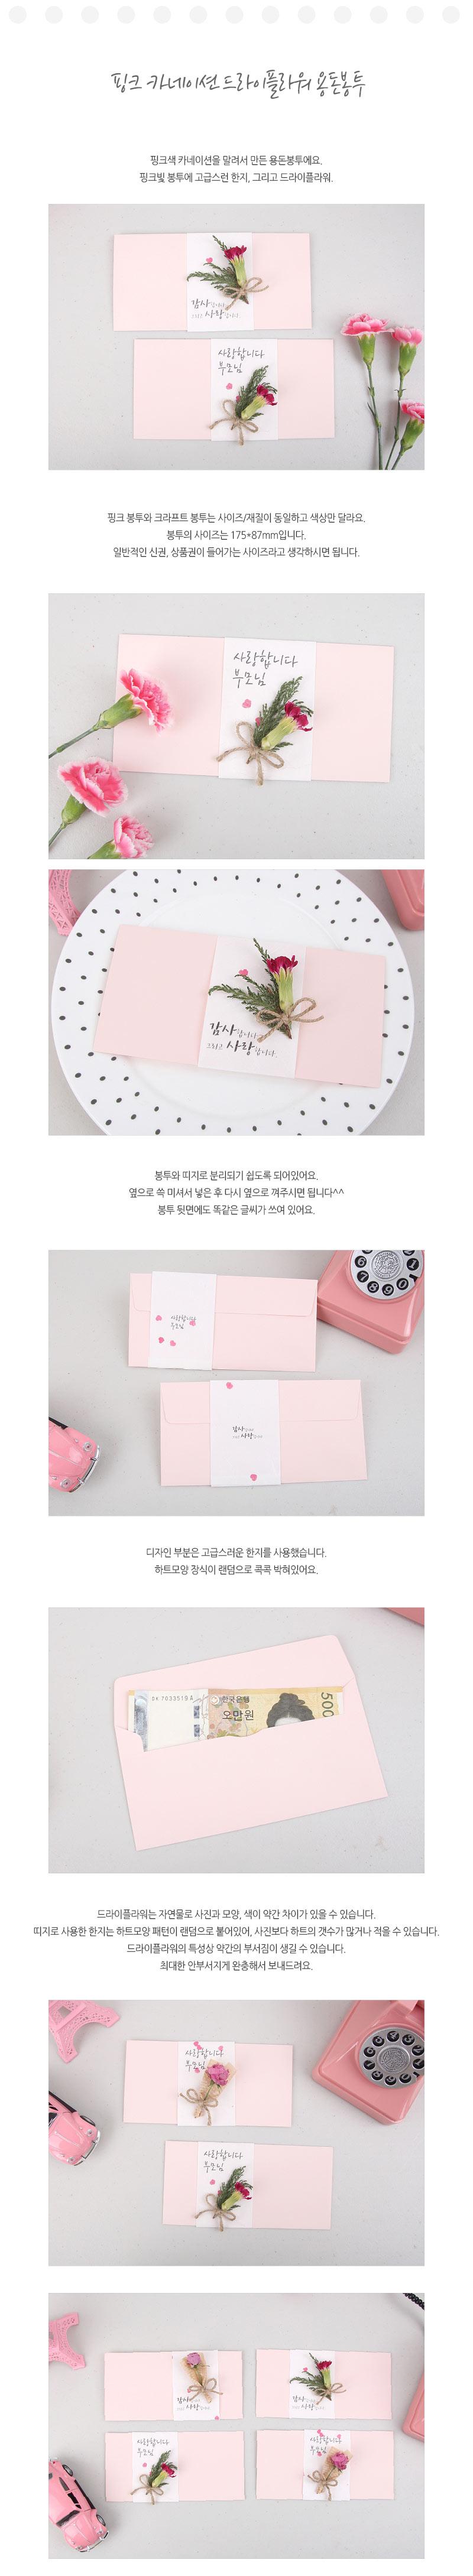 핑크 카네이션 용돈봉투 - 미스타이니, 5,000원, 용돈봉투, 메시지